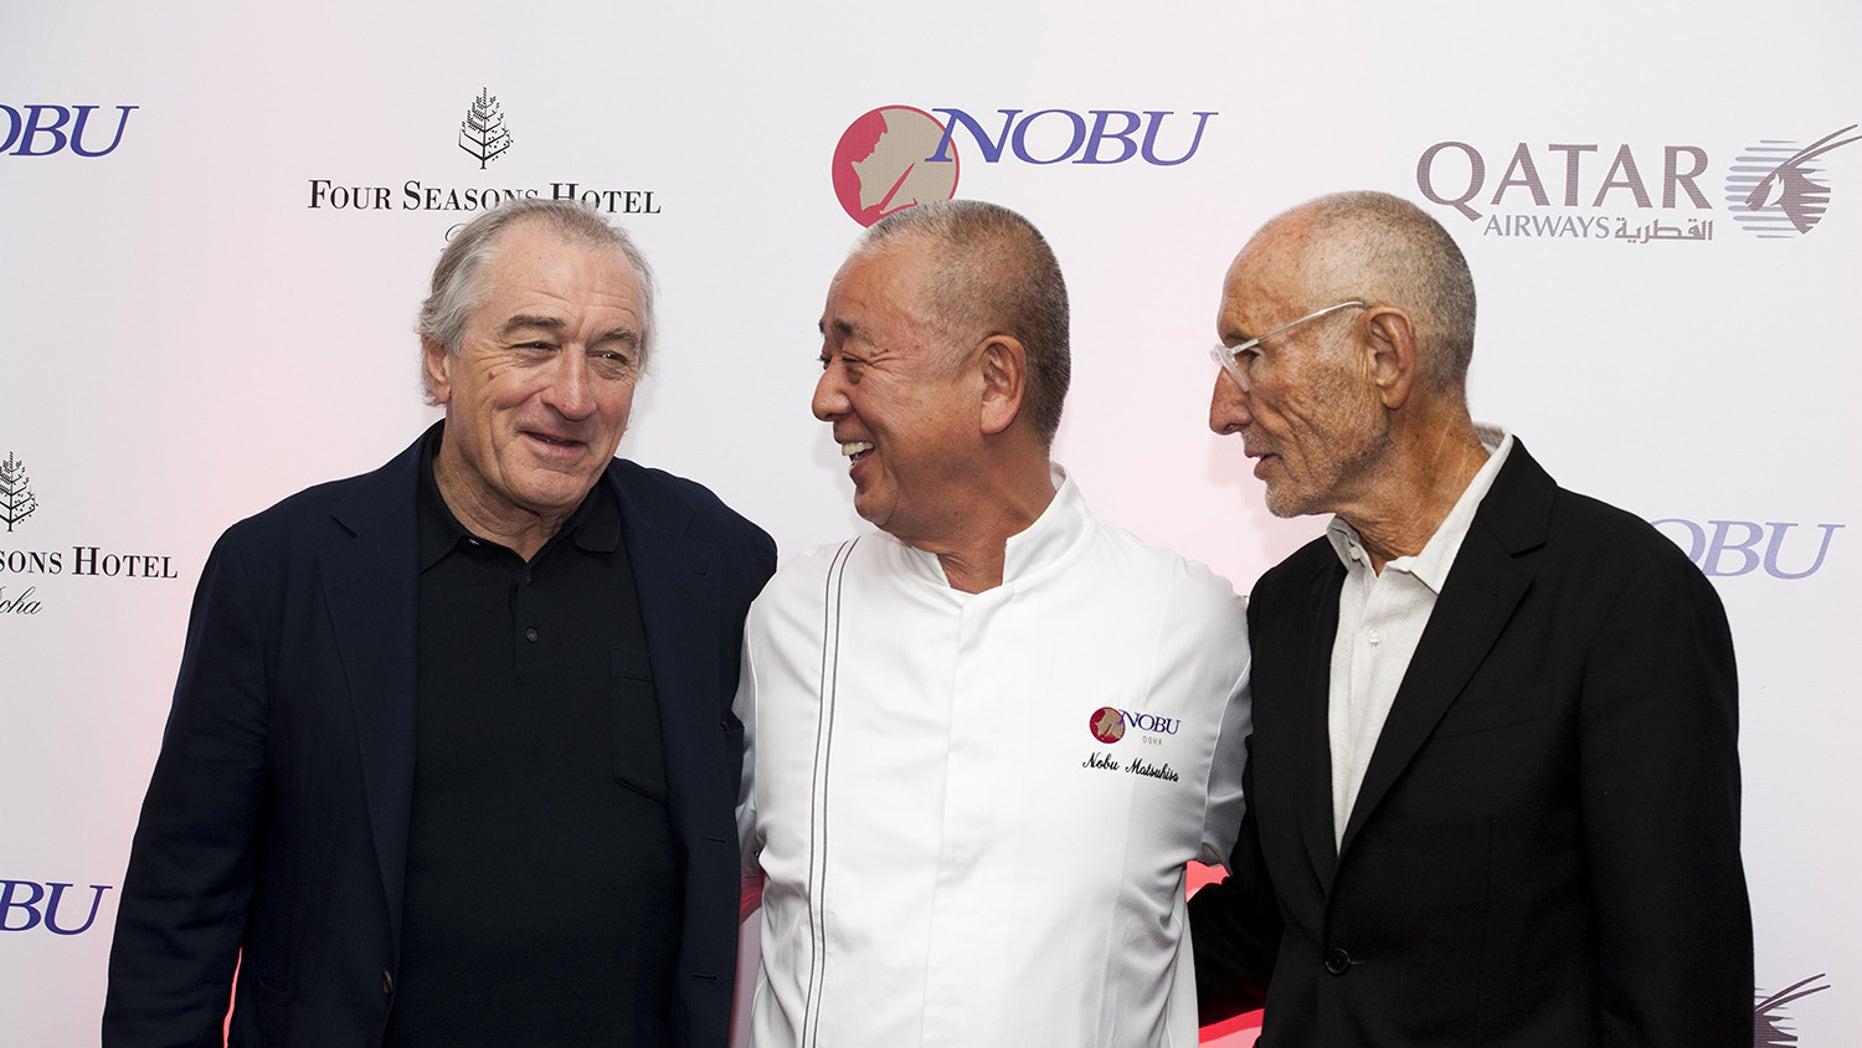 Robert De Niro attends the opening of Nobu's new restaurant in Doha, Qatar.